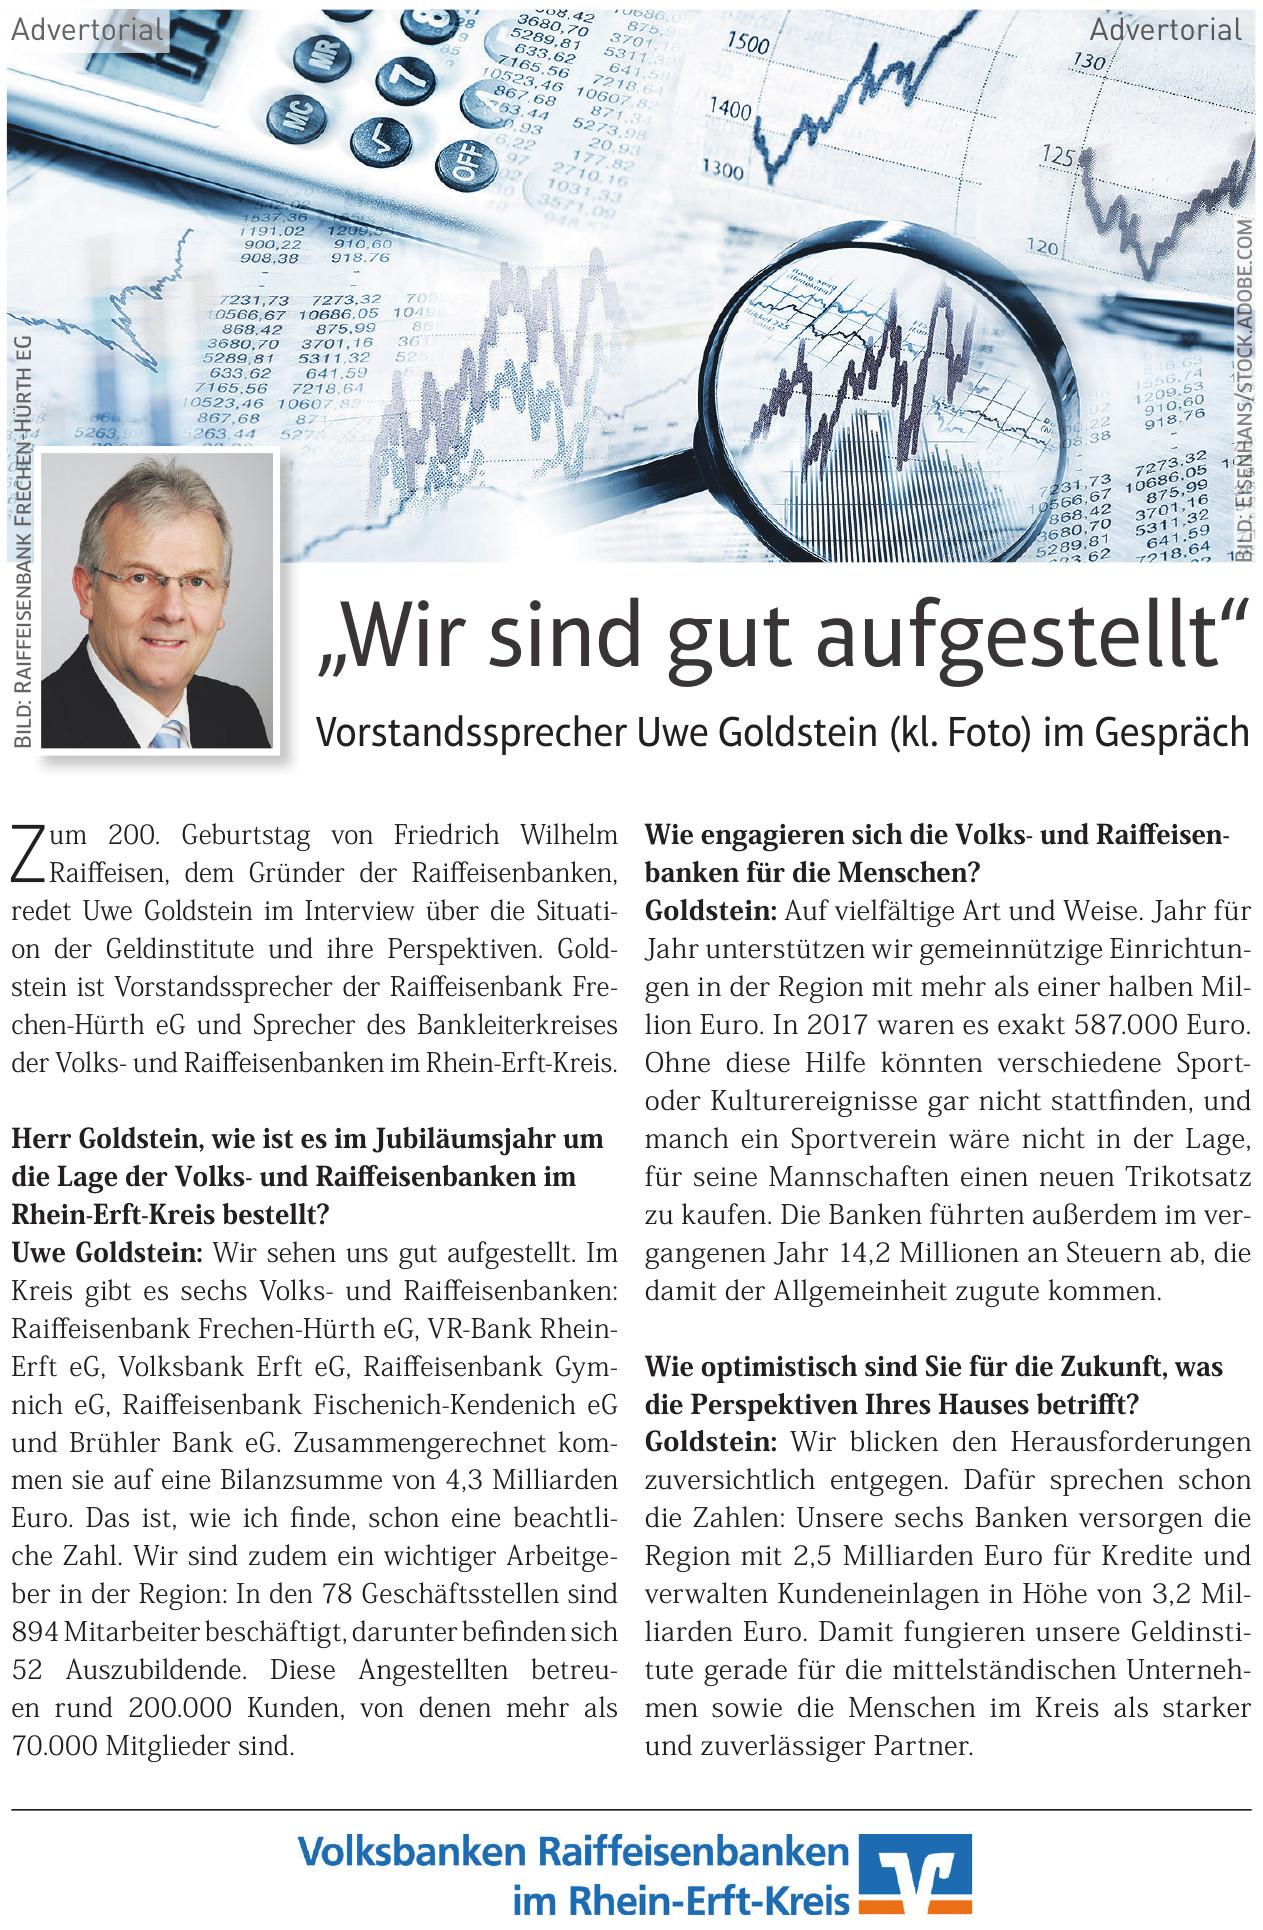 Volksbanken Raiffeisenbanken im Rhein-Erft-Kreis